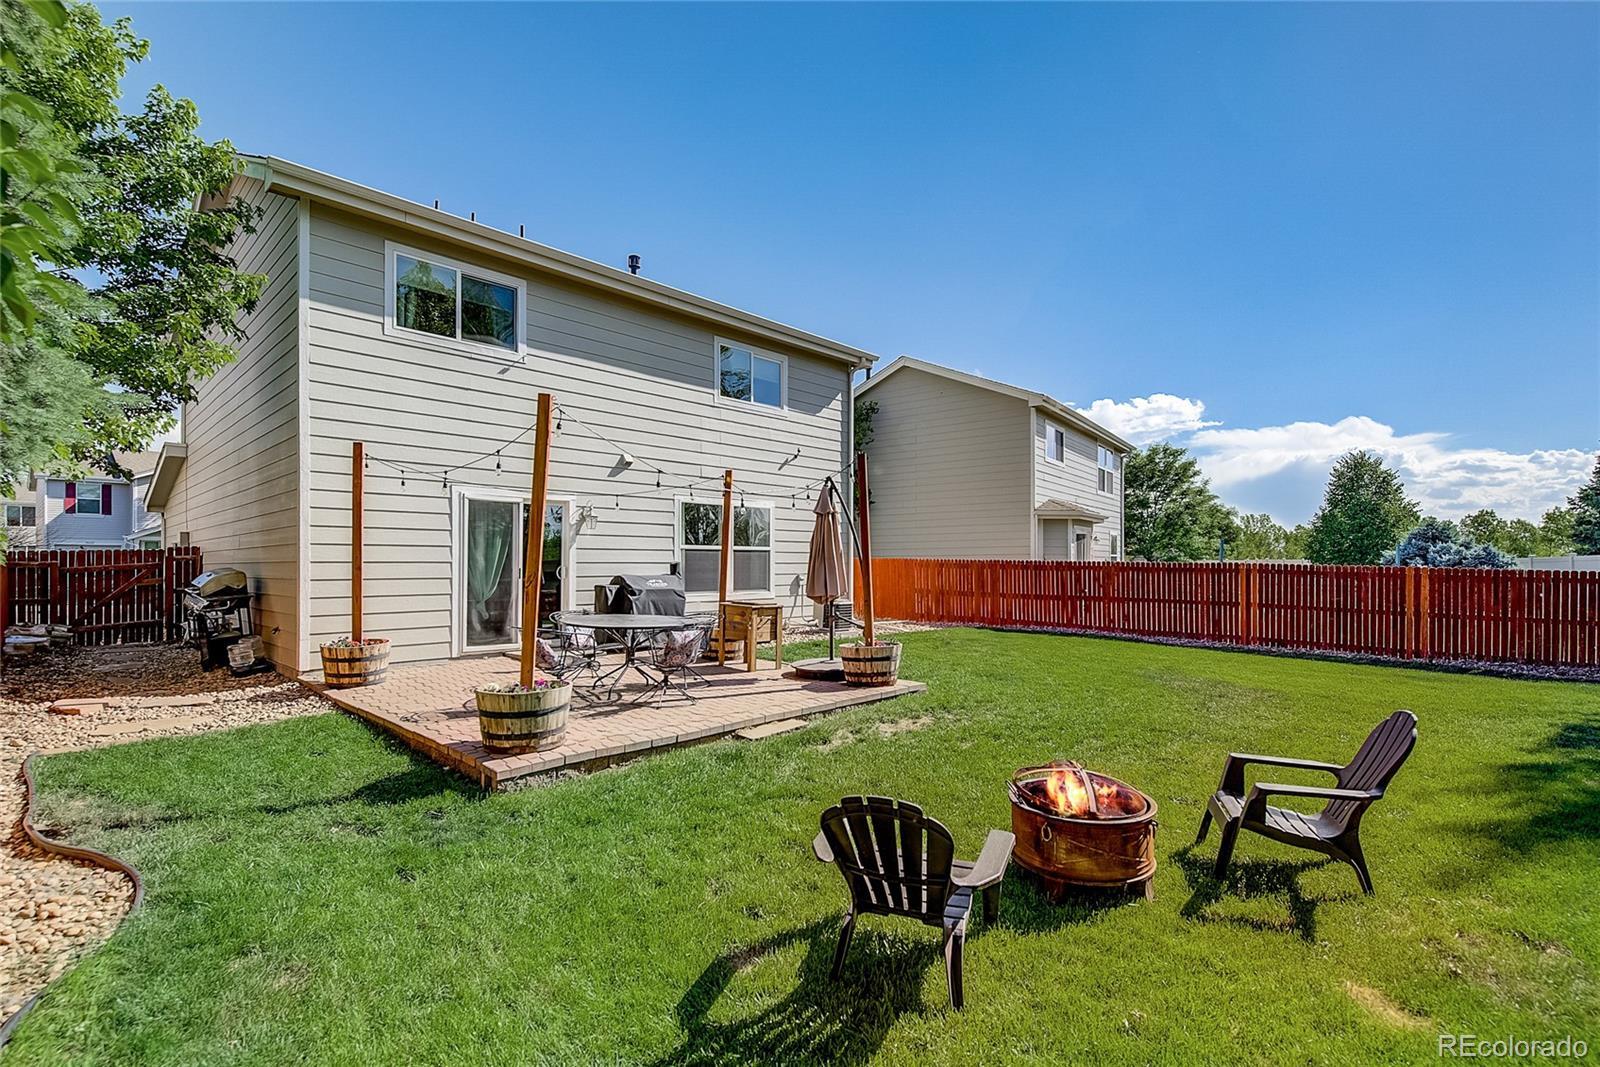 MLS# 5958307 - 31 - 10683 Butte Drive, Longmont, CO 80504